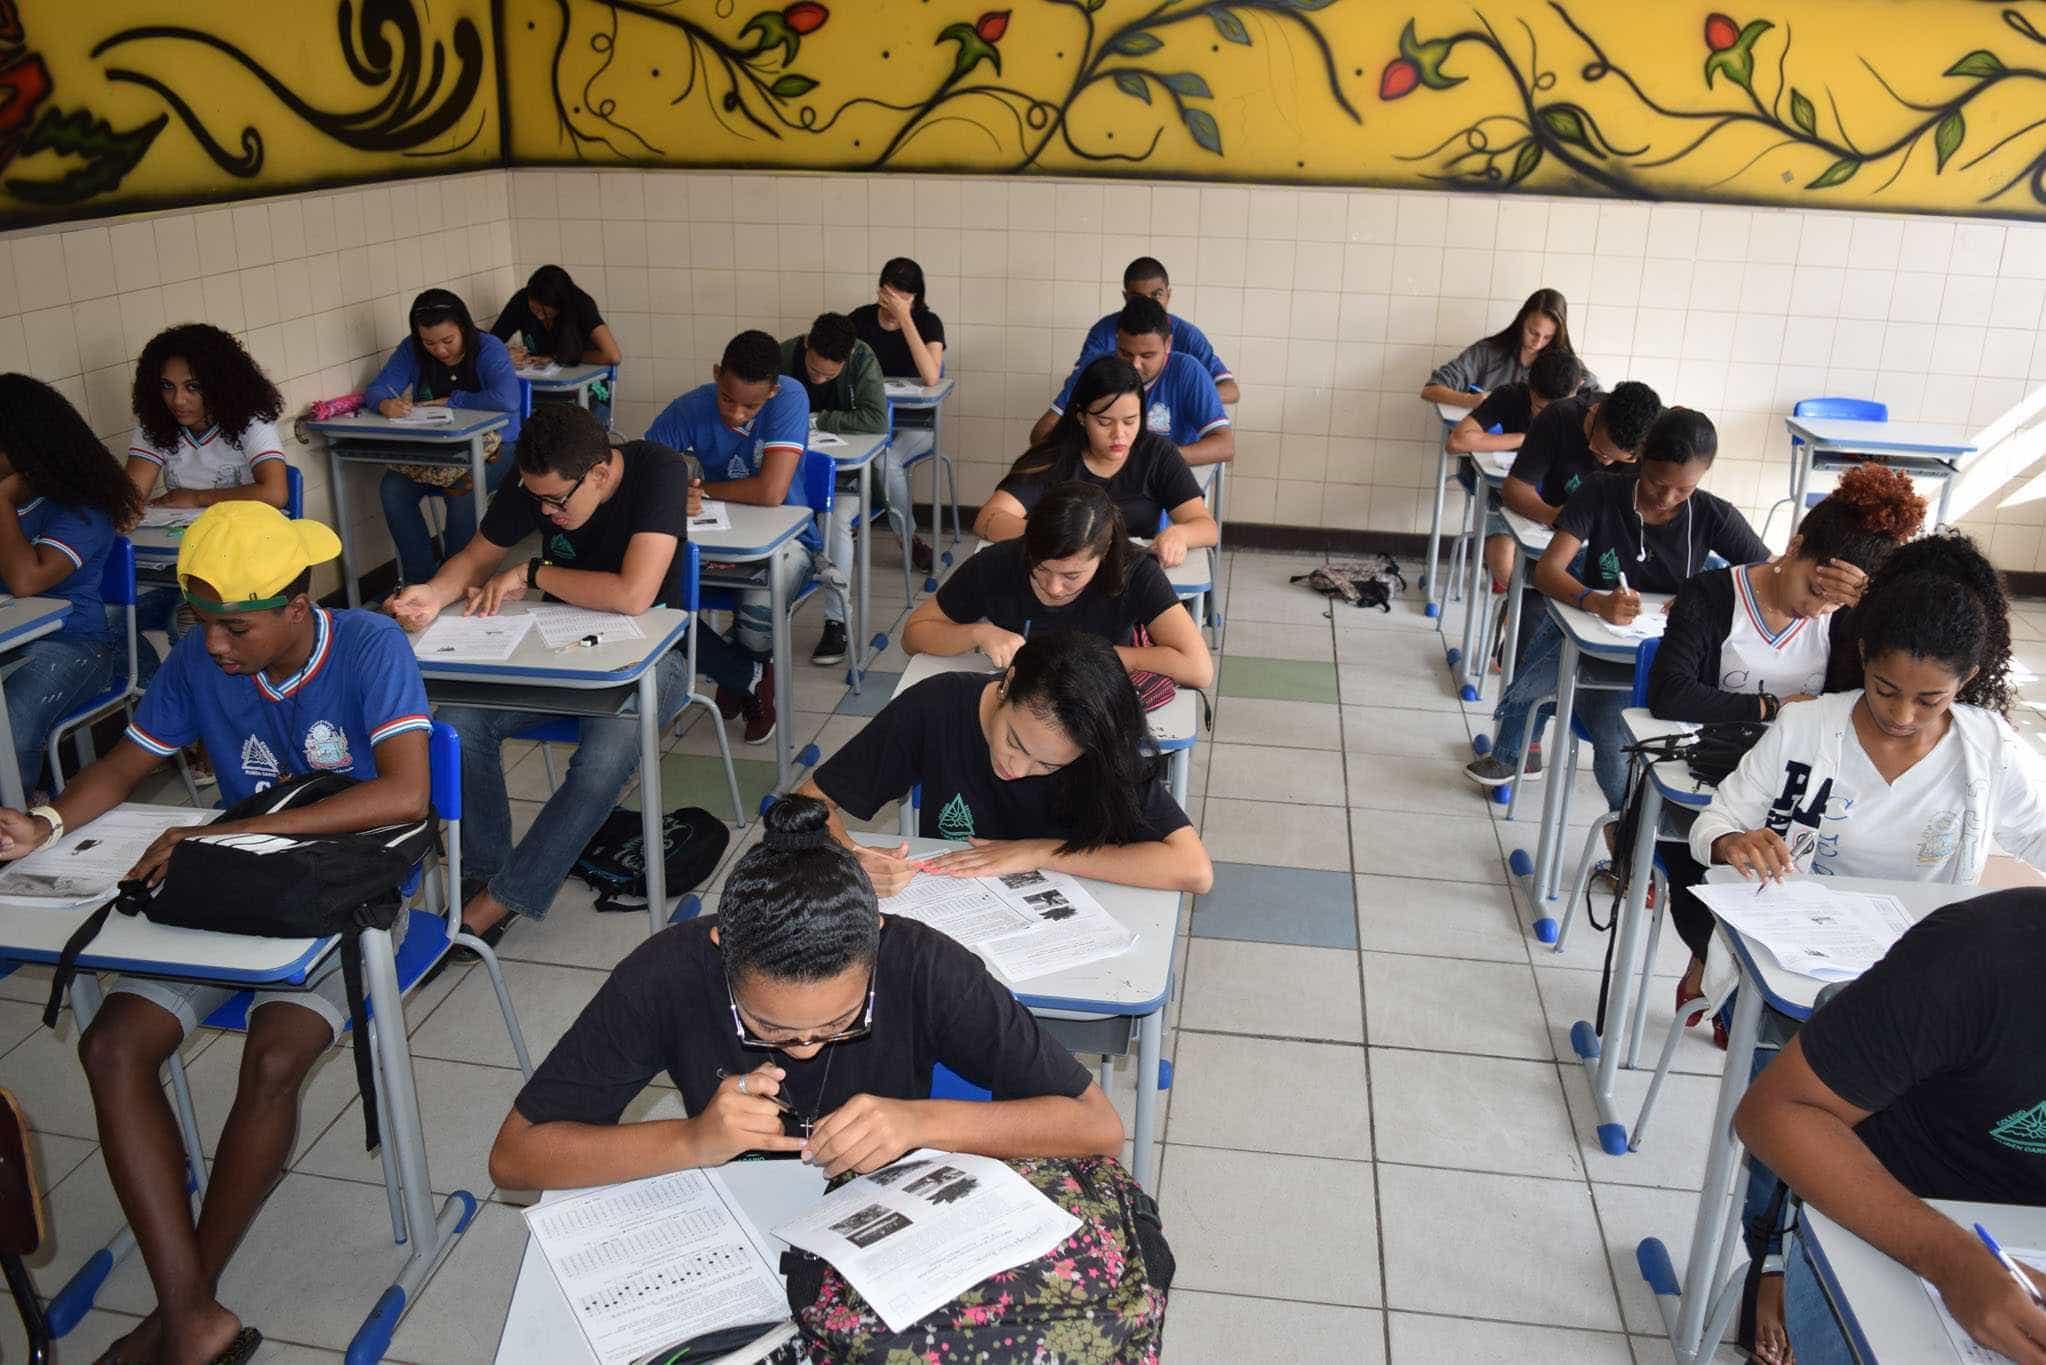 Educação não pode depender de onde o aluno nasce, diz guru de Ciro